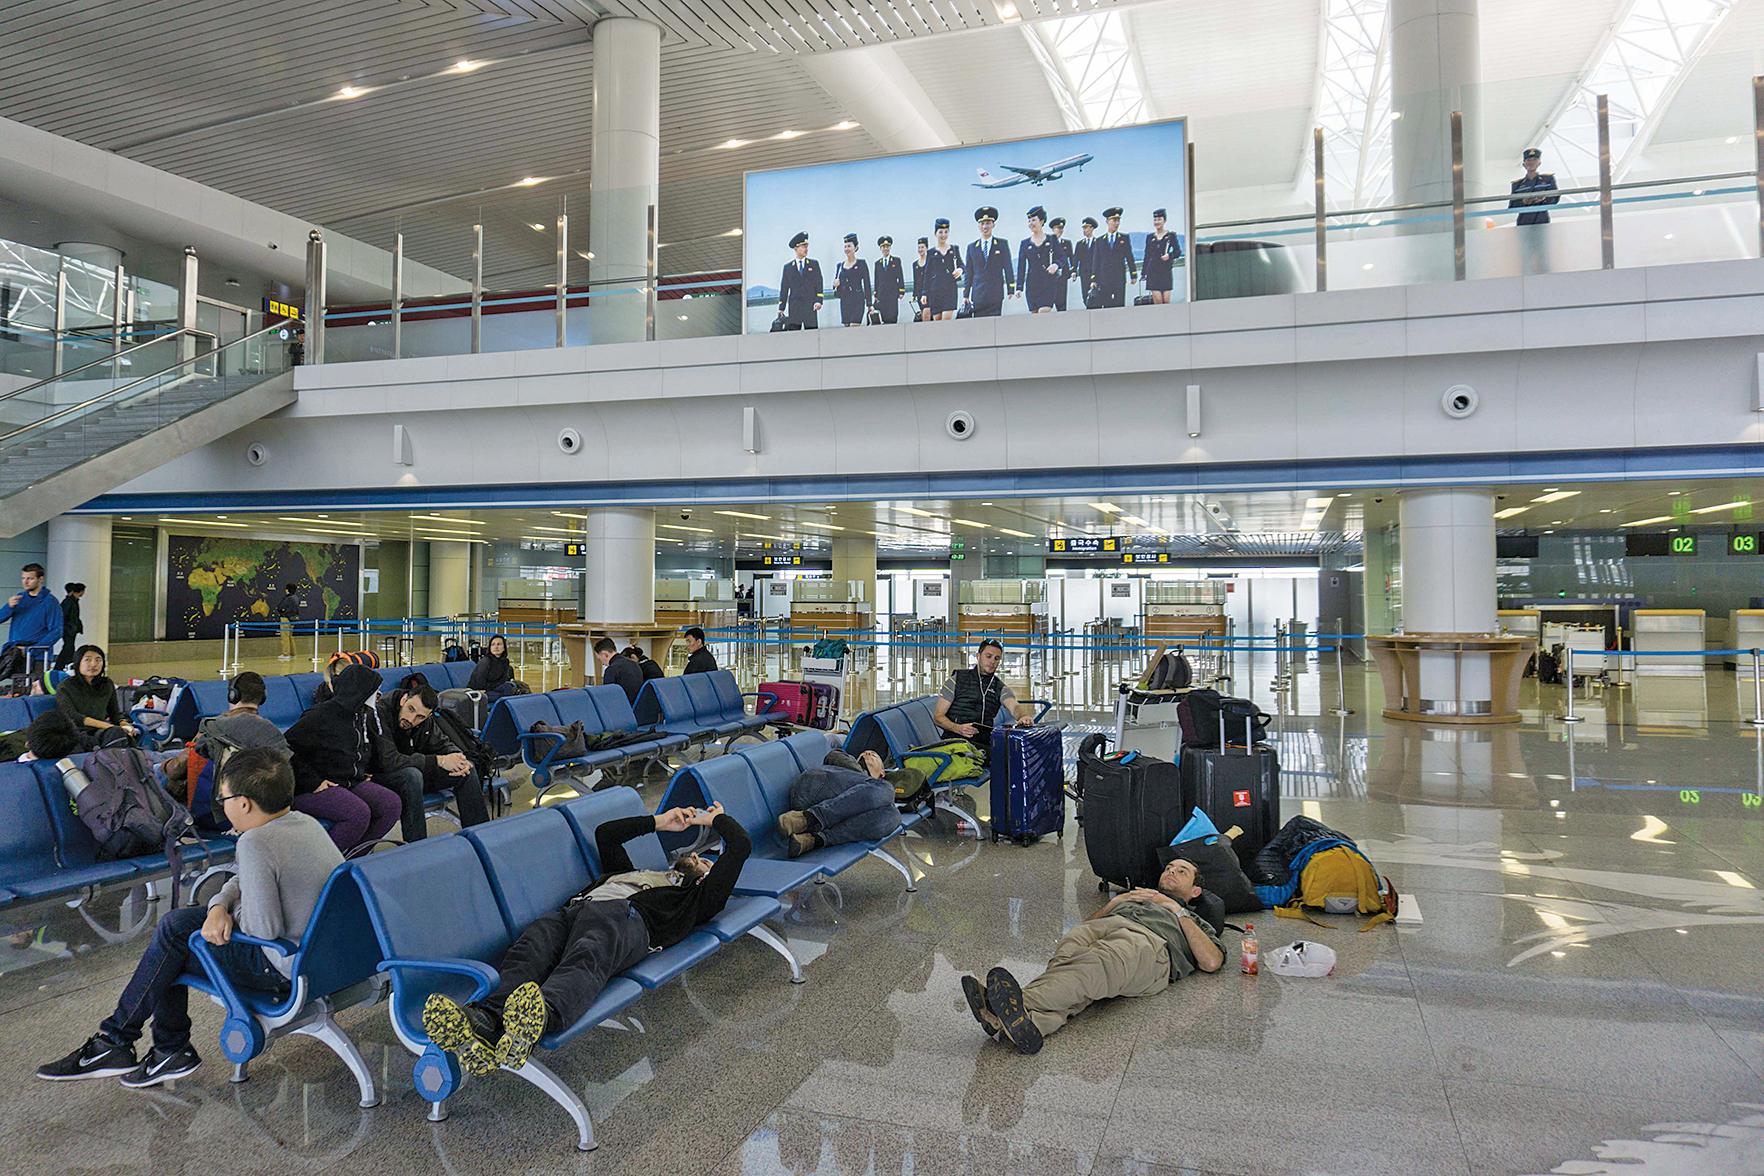 北韓4月15日「太陽節」舉行了大型閱兵式,平壤邀請了約40家外國媒體記者前往採訪。大約20名外國記者原定當天返回北京,但被困在平壤機場,原因是「北京下雪」,但事實不然。(AFP)